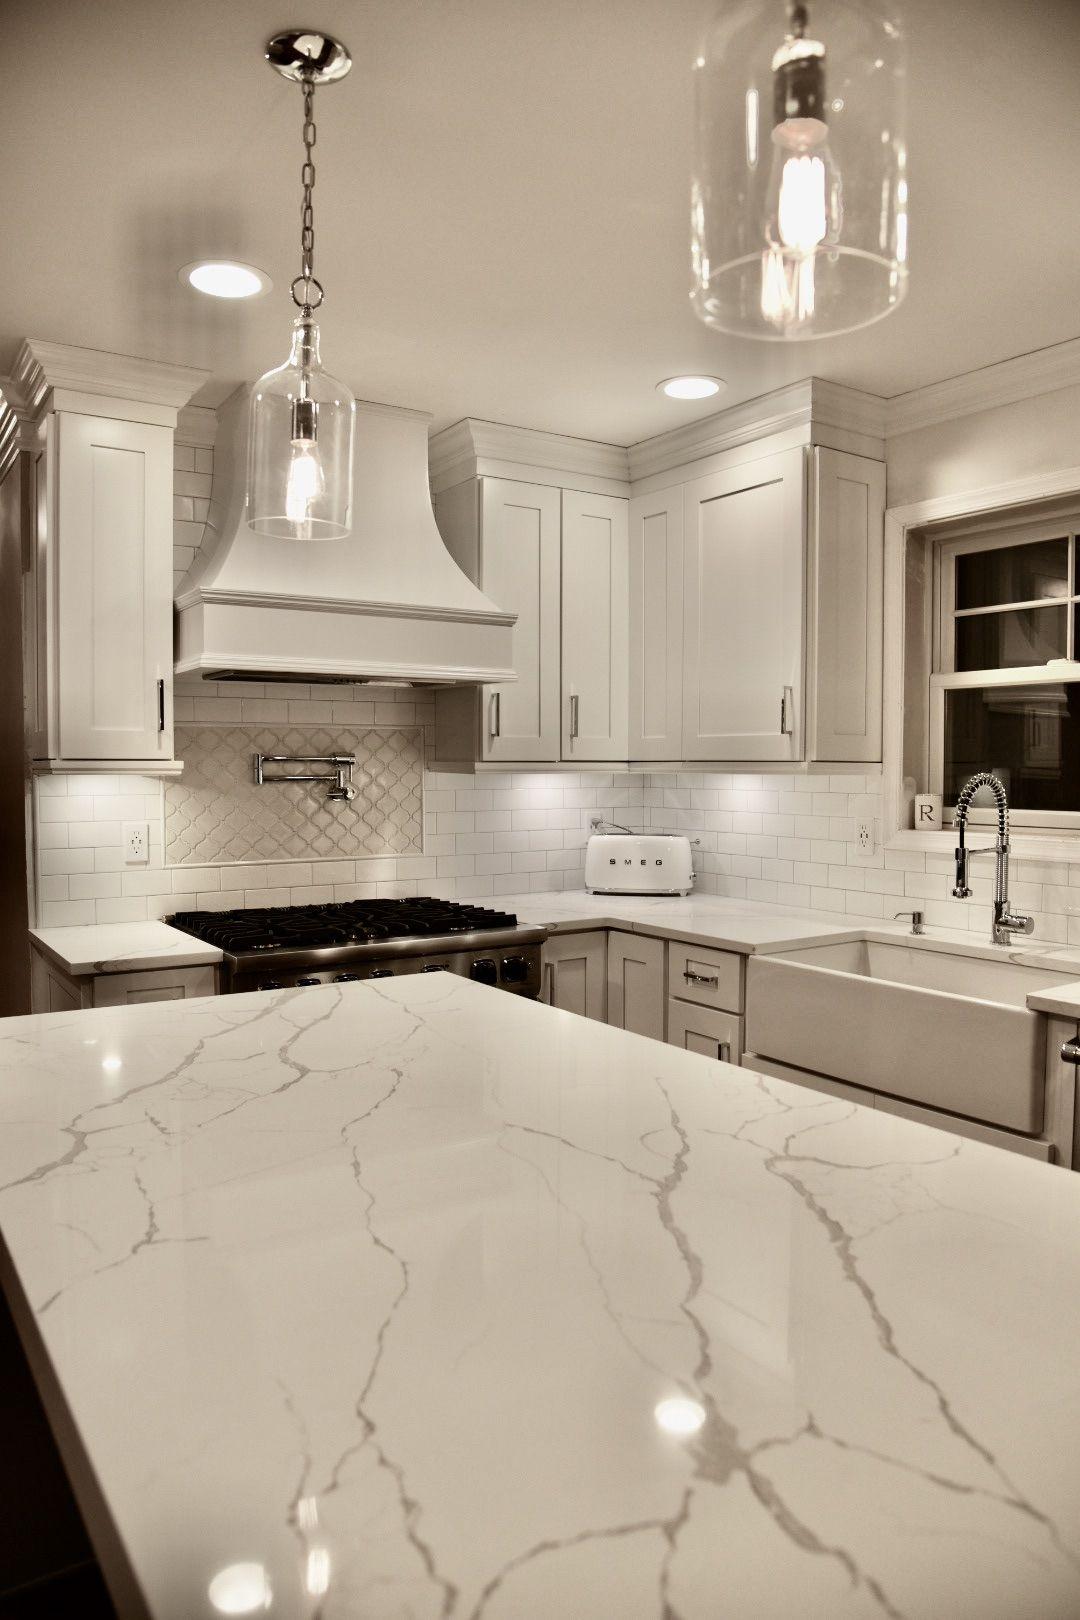 Calacatta Laza Quartz Quartz Kitchen Countertops White Home